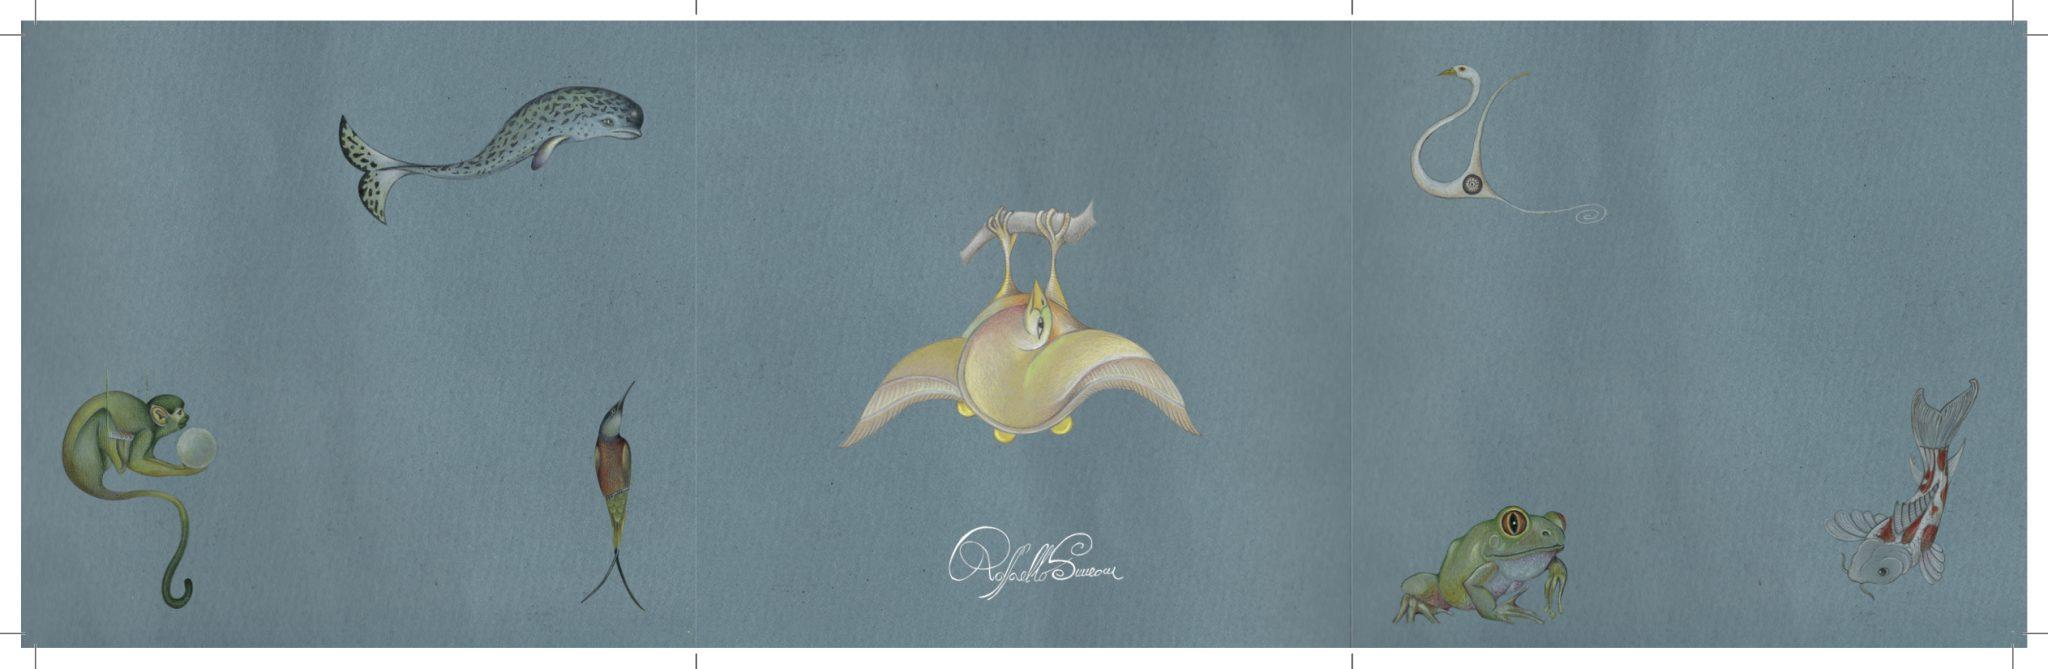 ORFEO Incantastorie, l'ultimo doppio album di Raffaello Simeoni